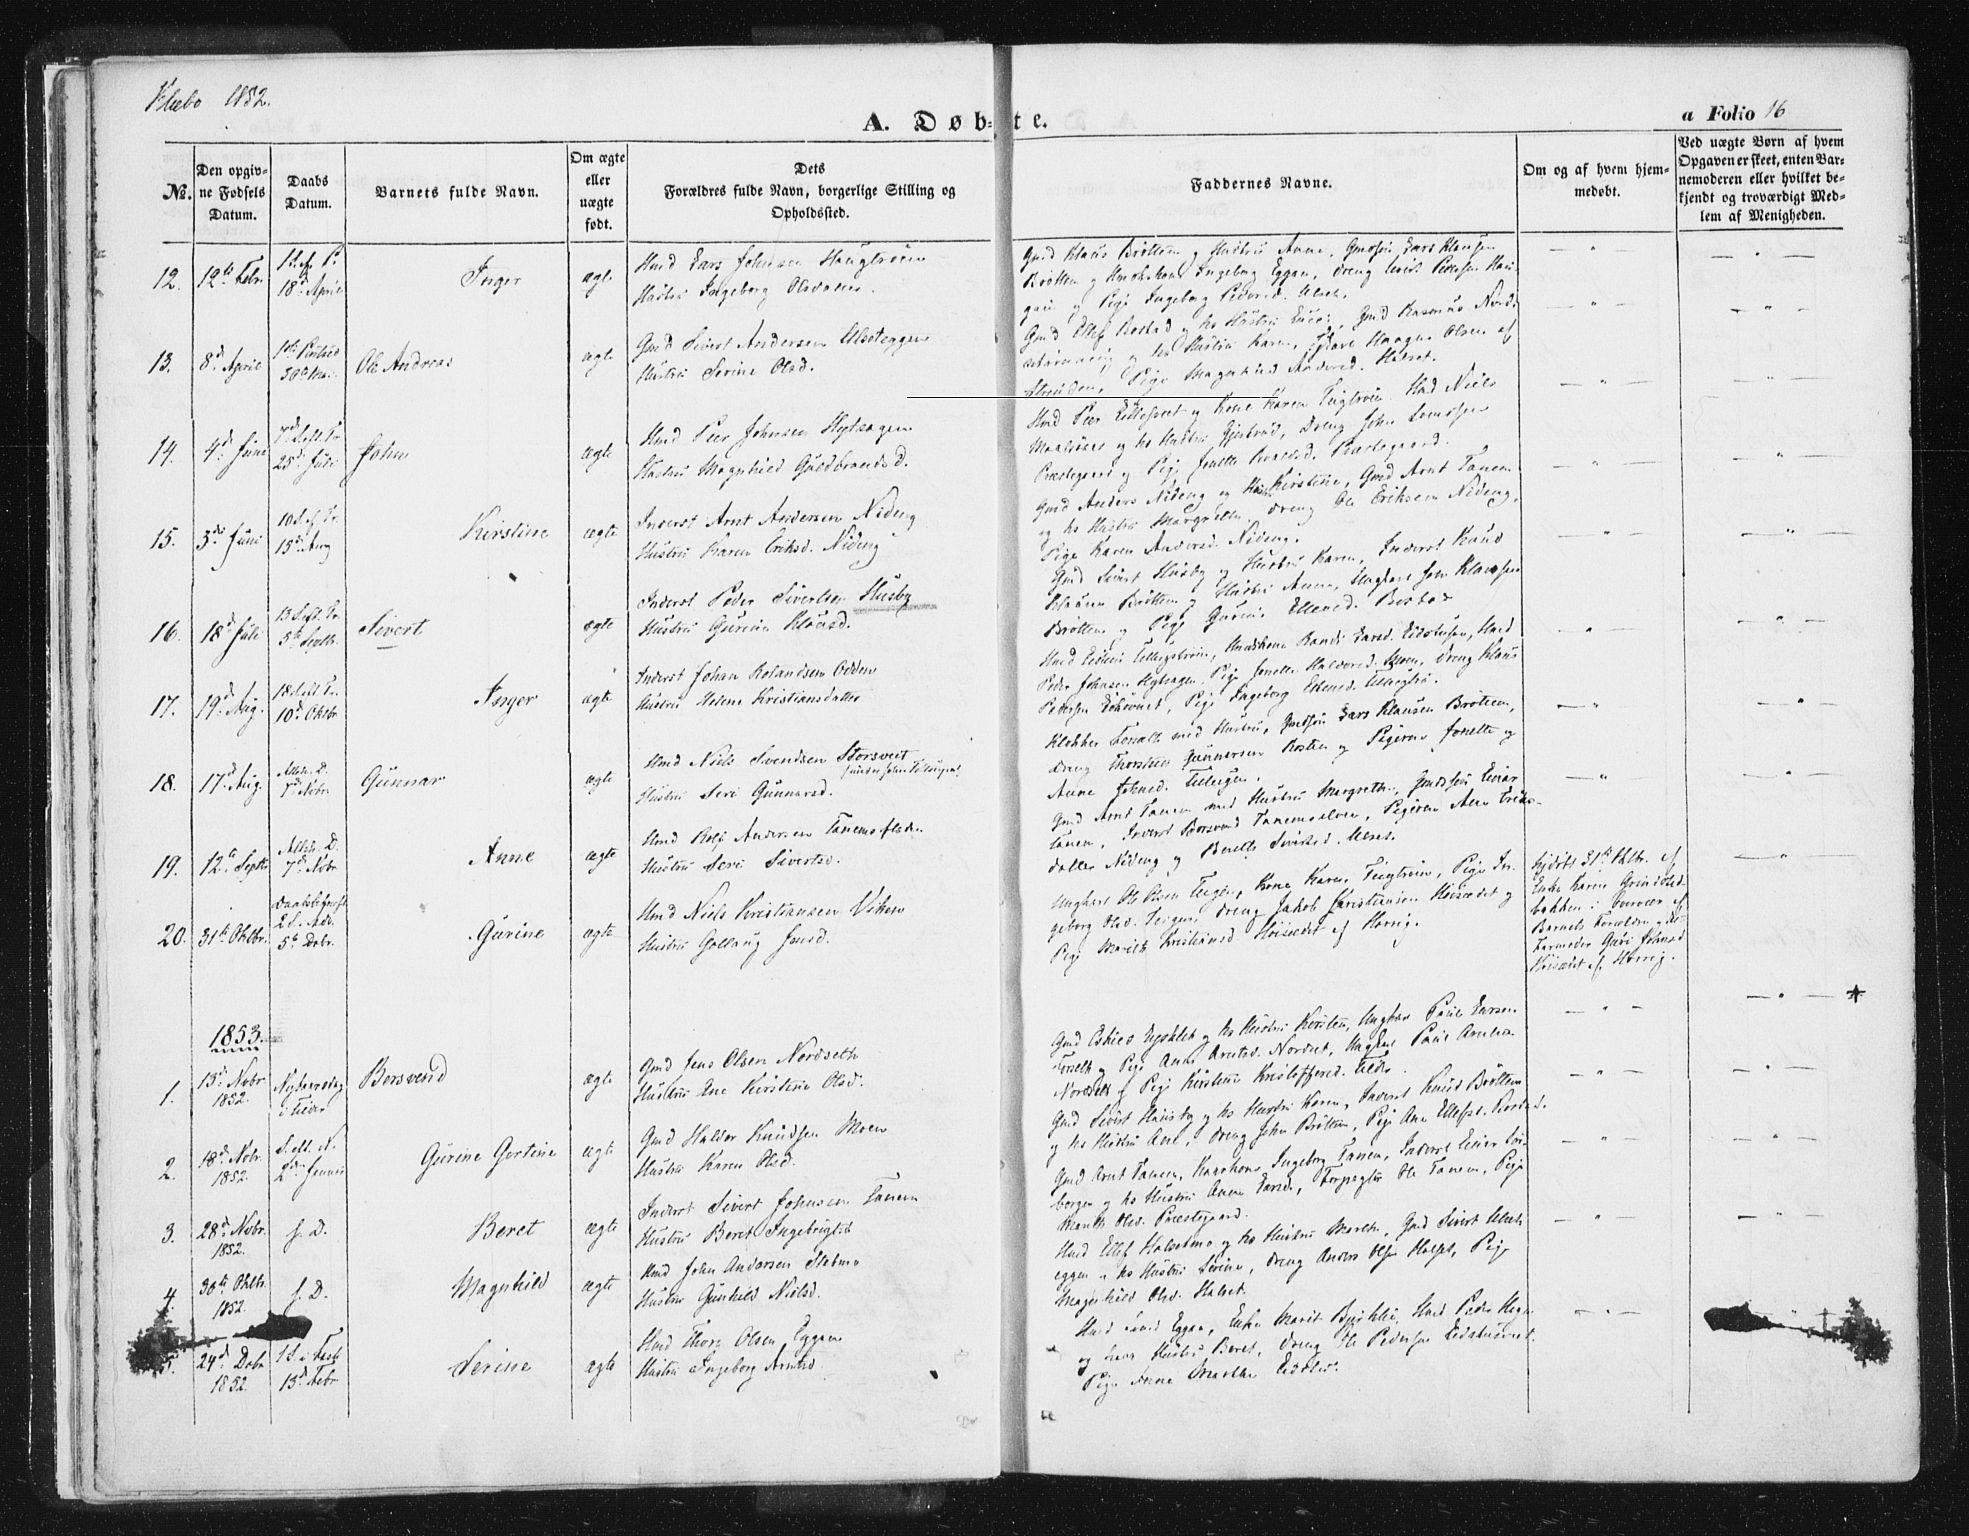 SAT, Ministerialprotokoller, klokkerbøker og fødselsregistre - Sør-Trøndelag, 618/L0441: Ministerialbok nr. 618A05, 1843-1862, s. 16